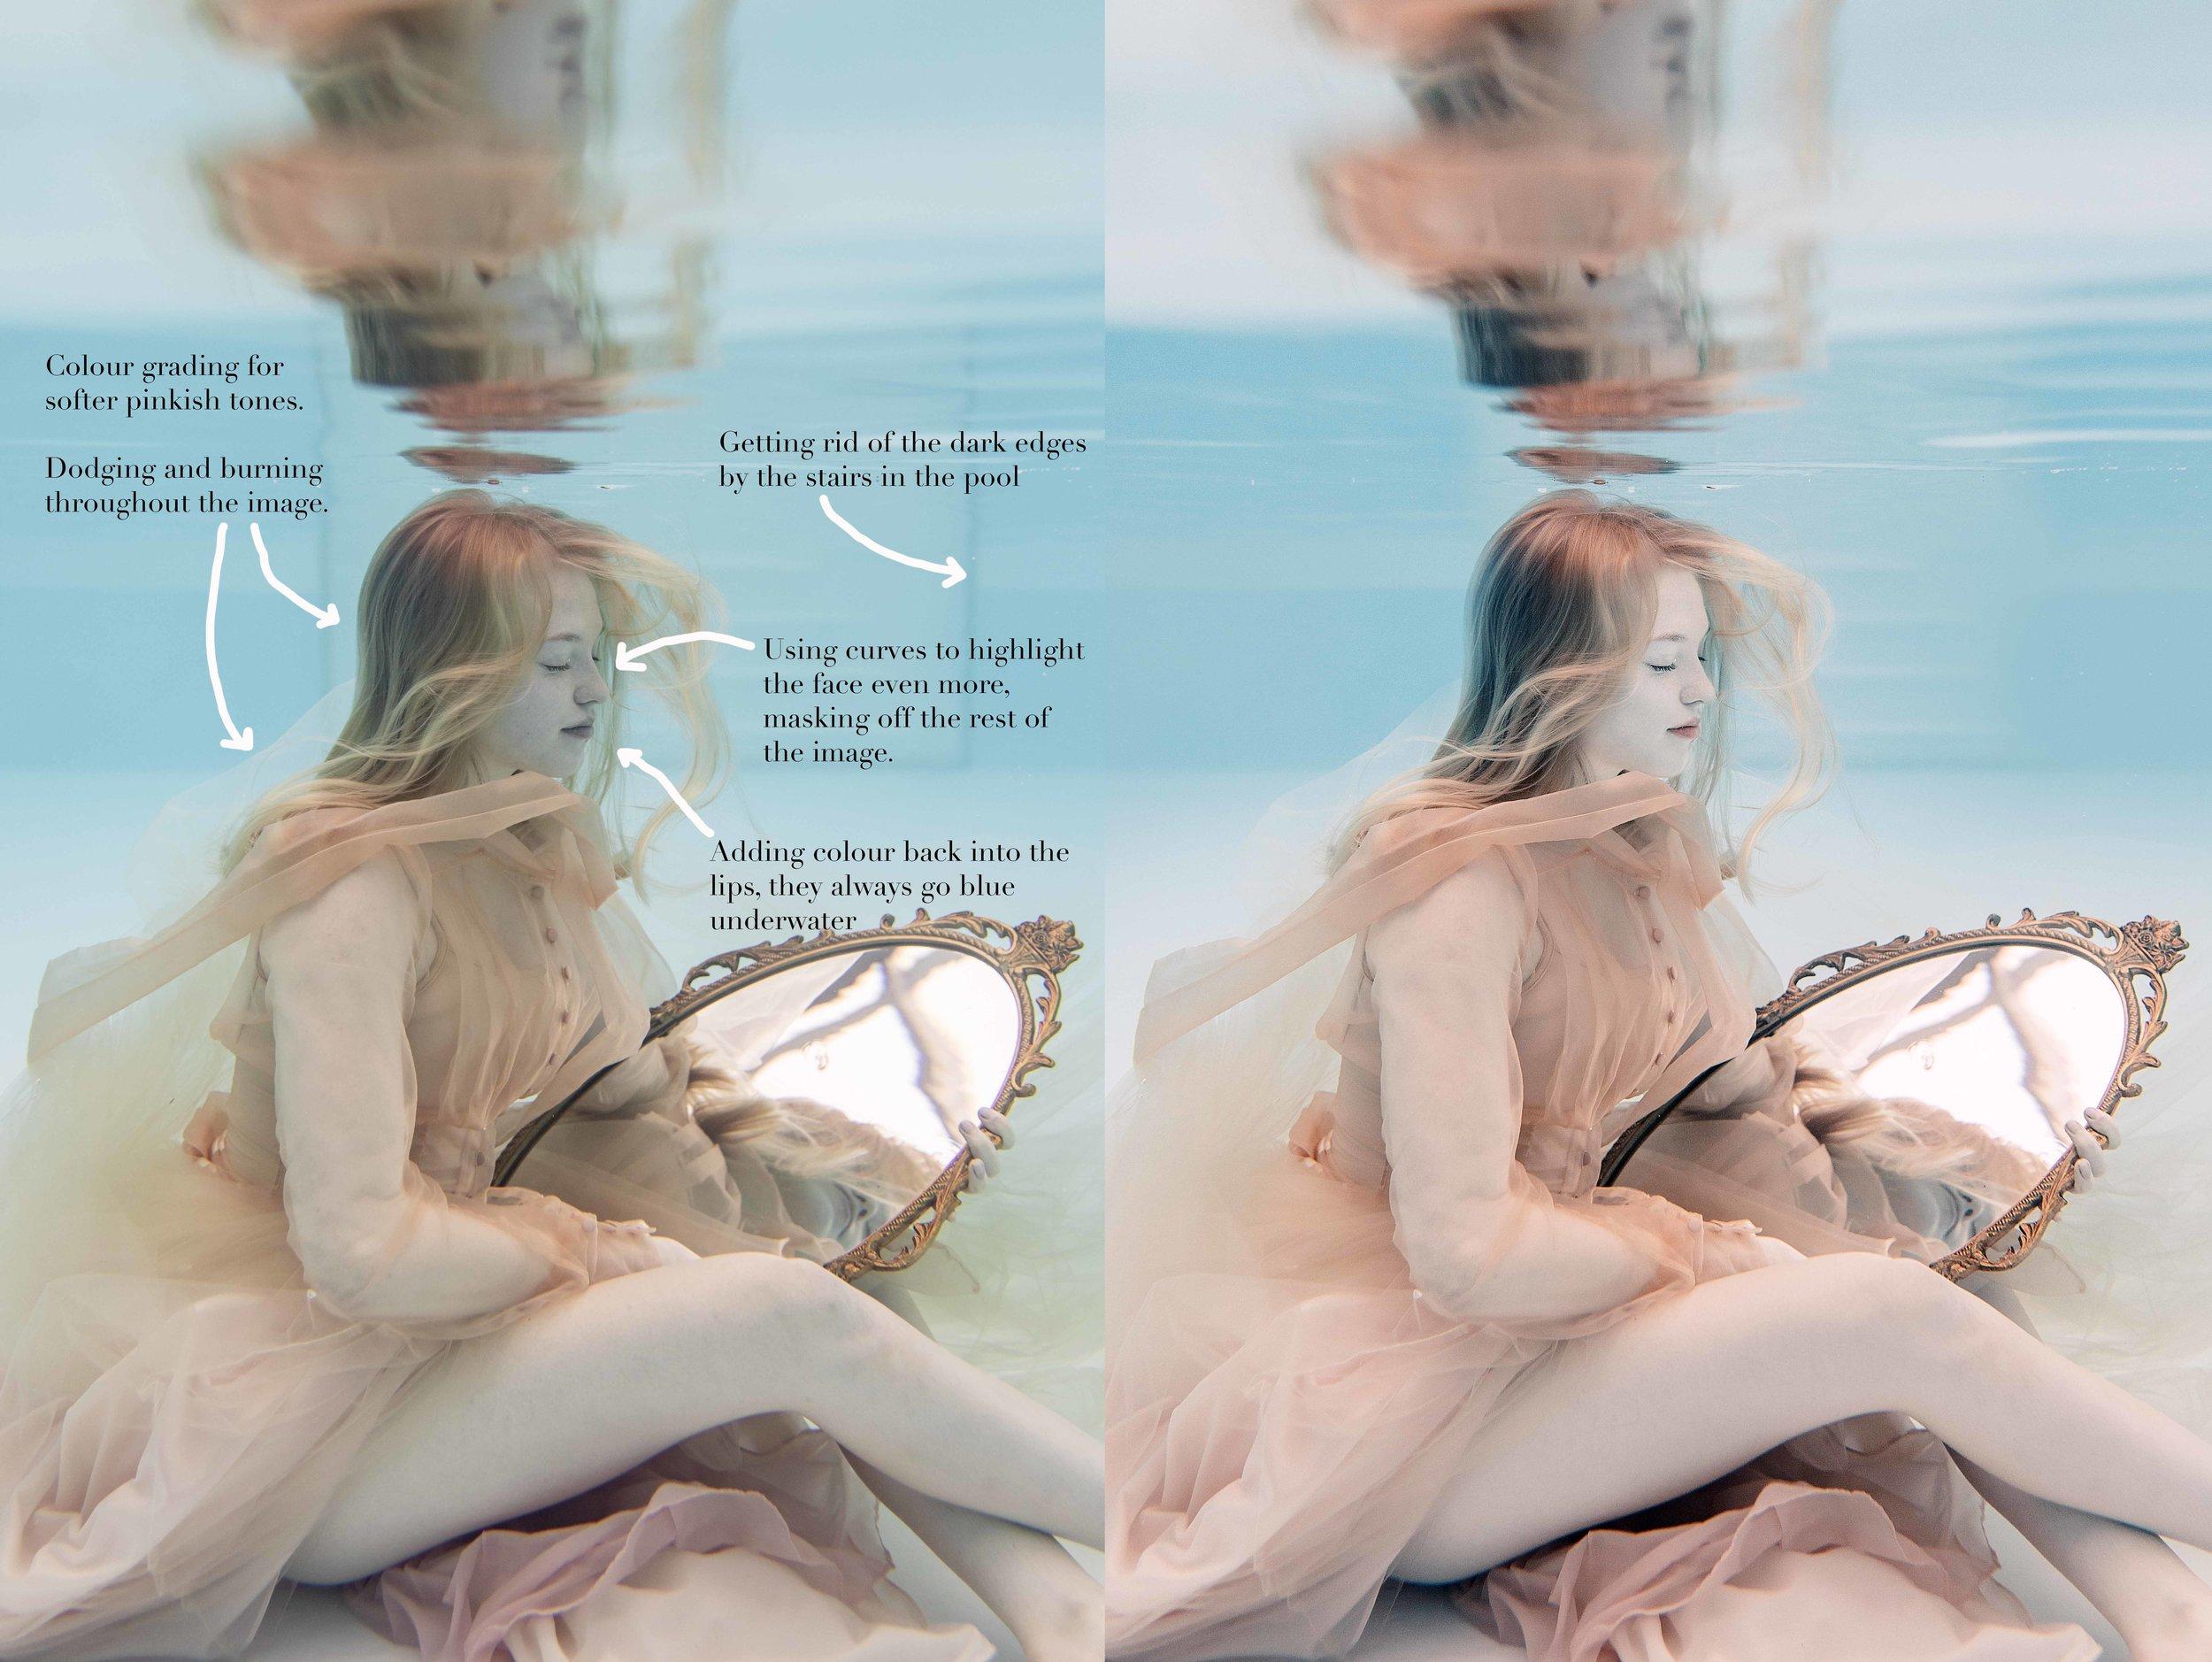 underwaterbeforeandaftertext.jpg